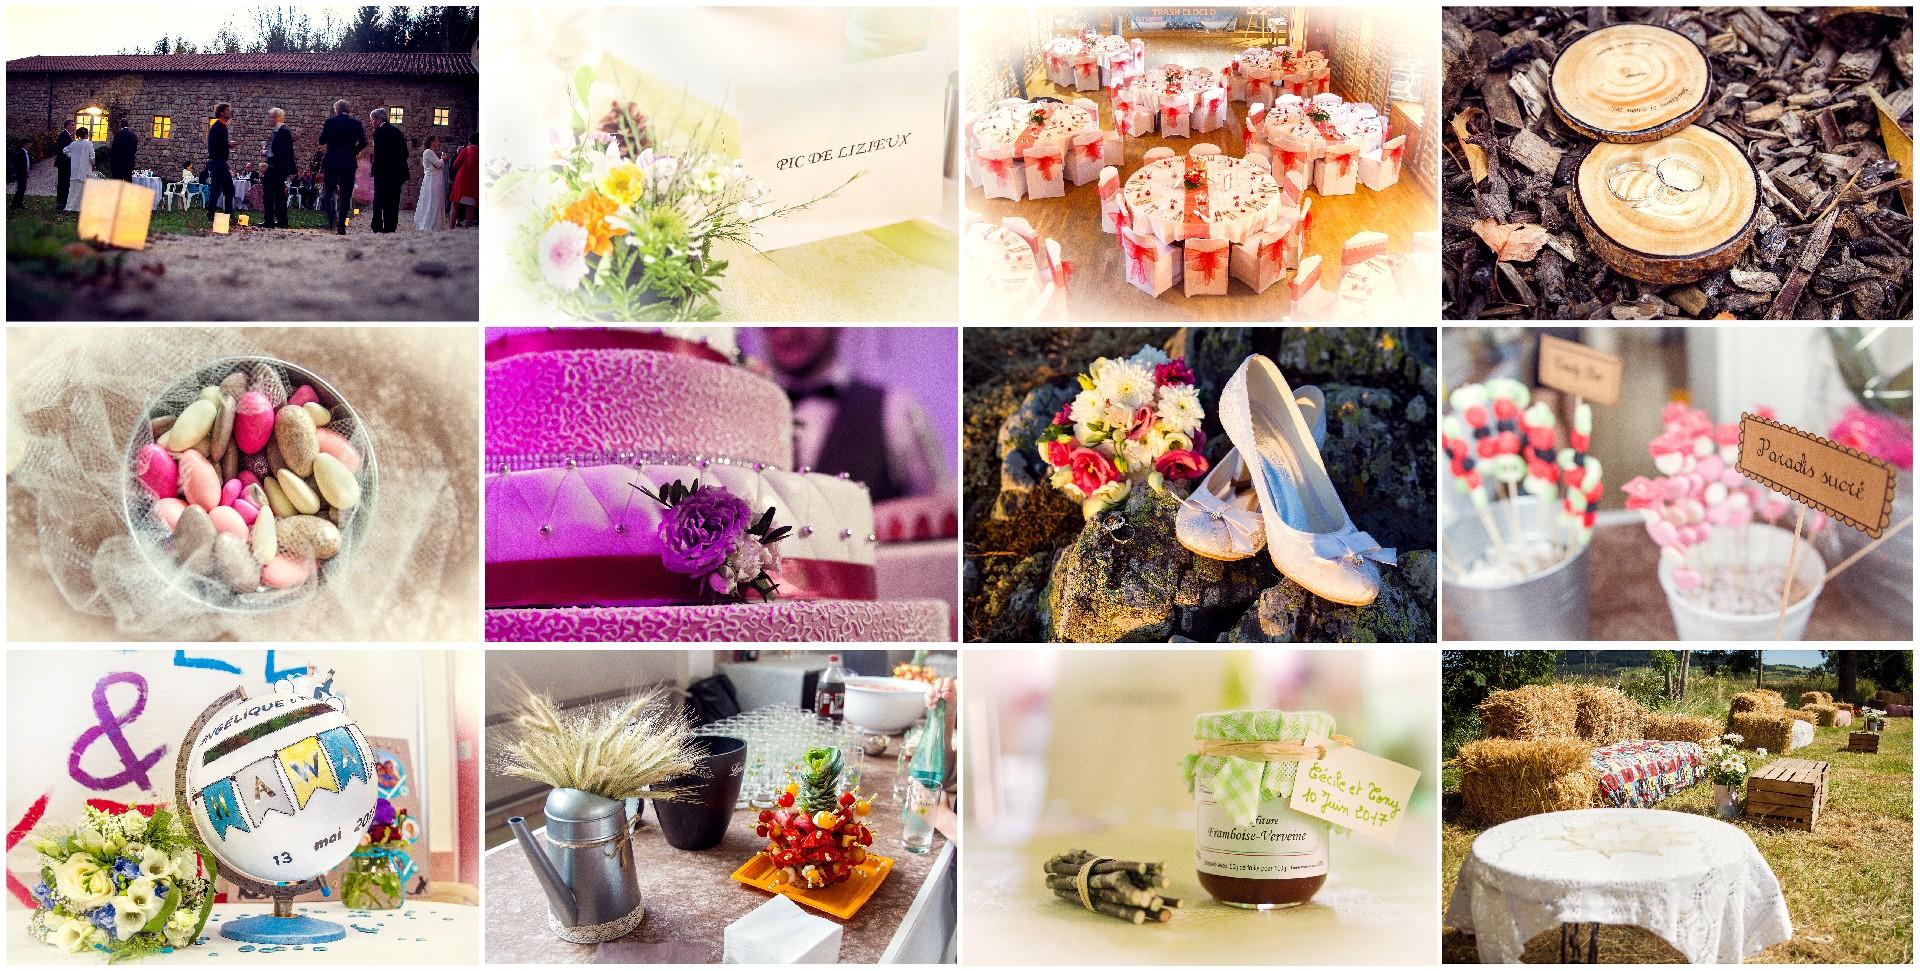 détails, bouquets, église, gâteau, alliances, fleurs, vin d'honneur, décorations, mariages, Haute-Loire, Auvergne